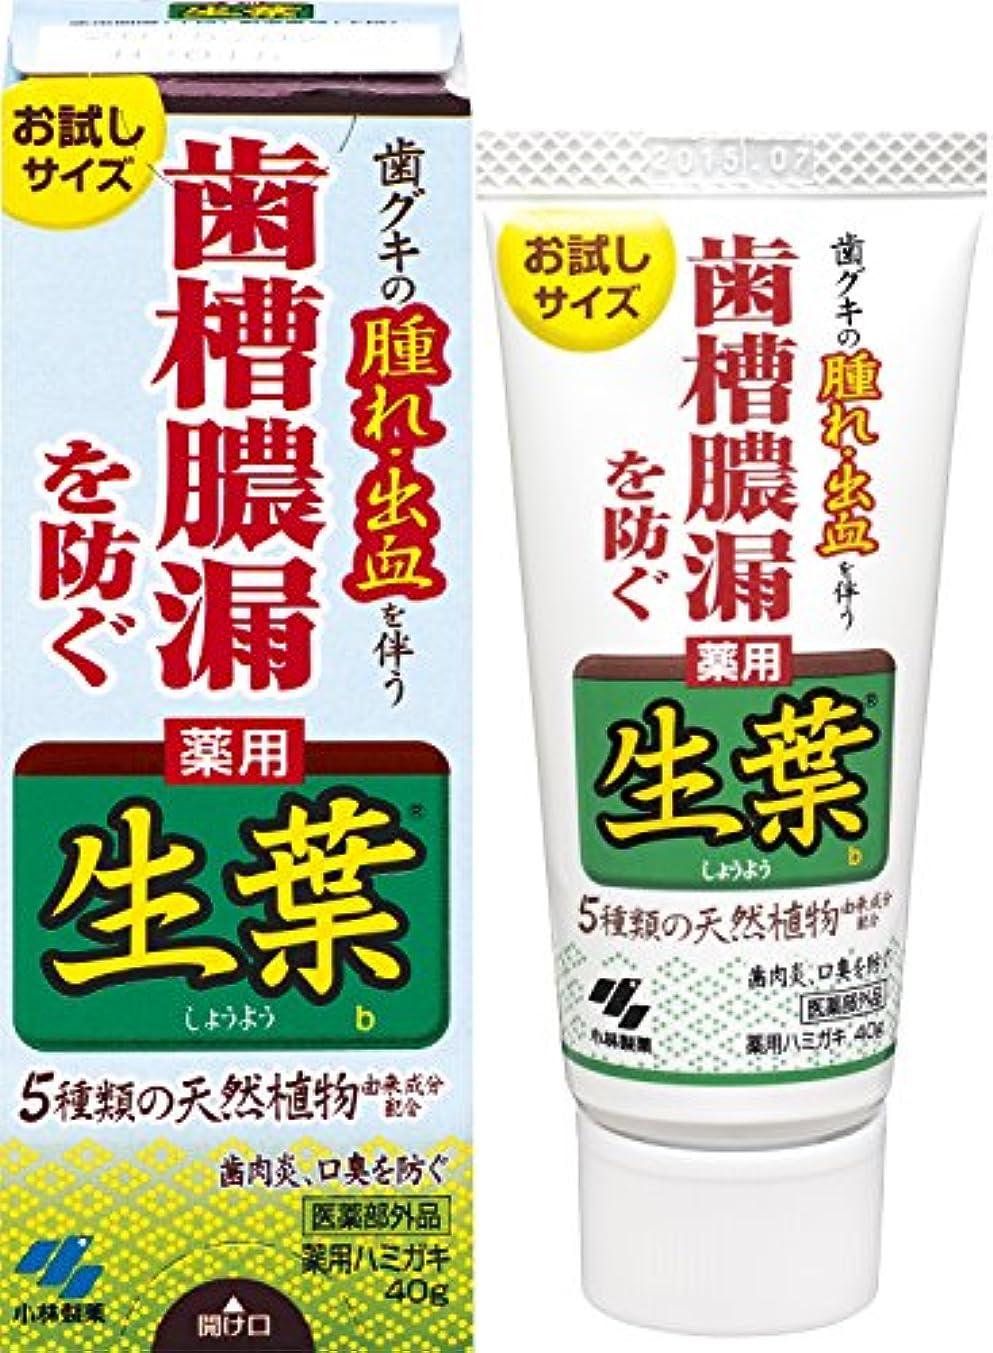 出席自動的に穀物生葉(しょうよう)お試しサイズ 歯槽膿漏を防ぐ 薬用ハミガキ ハーブミント味 40g 【医薬部外品】